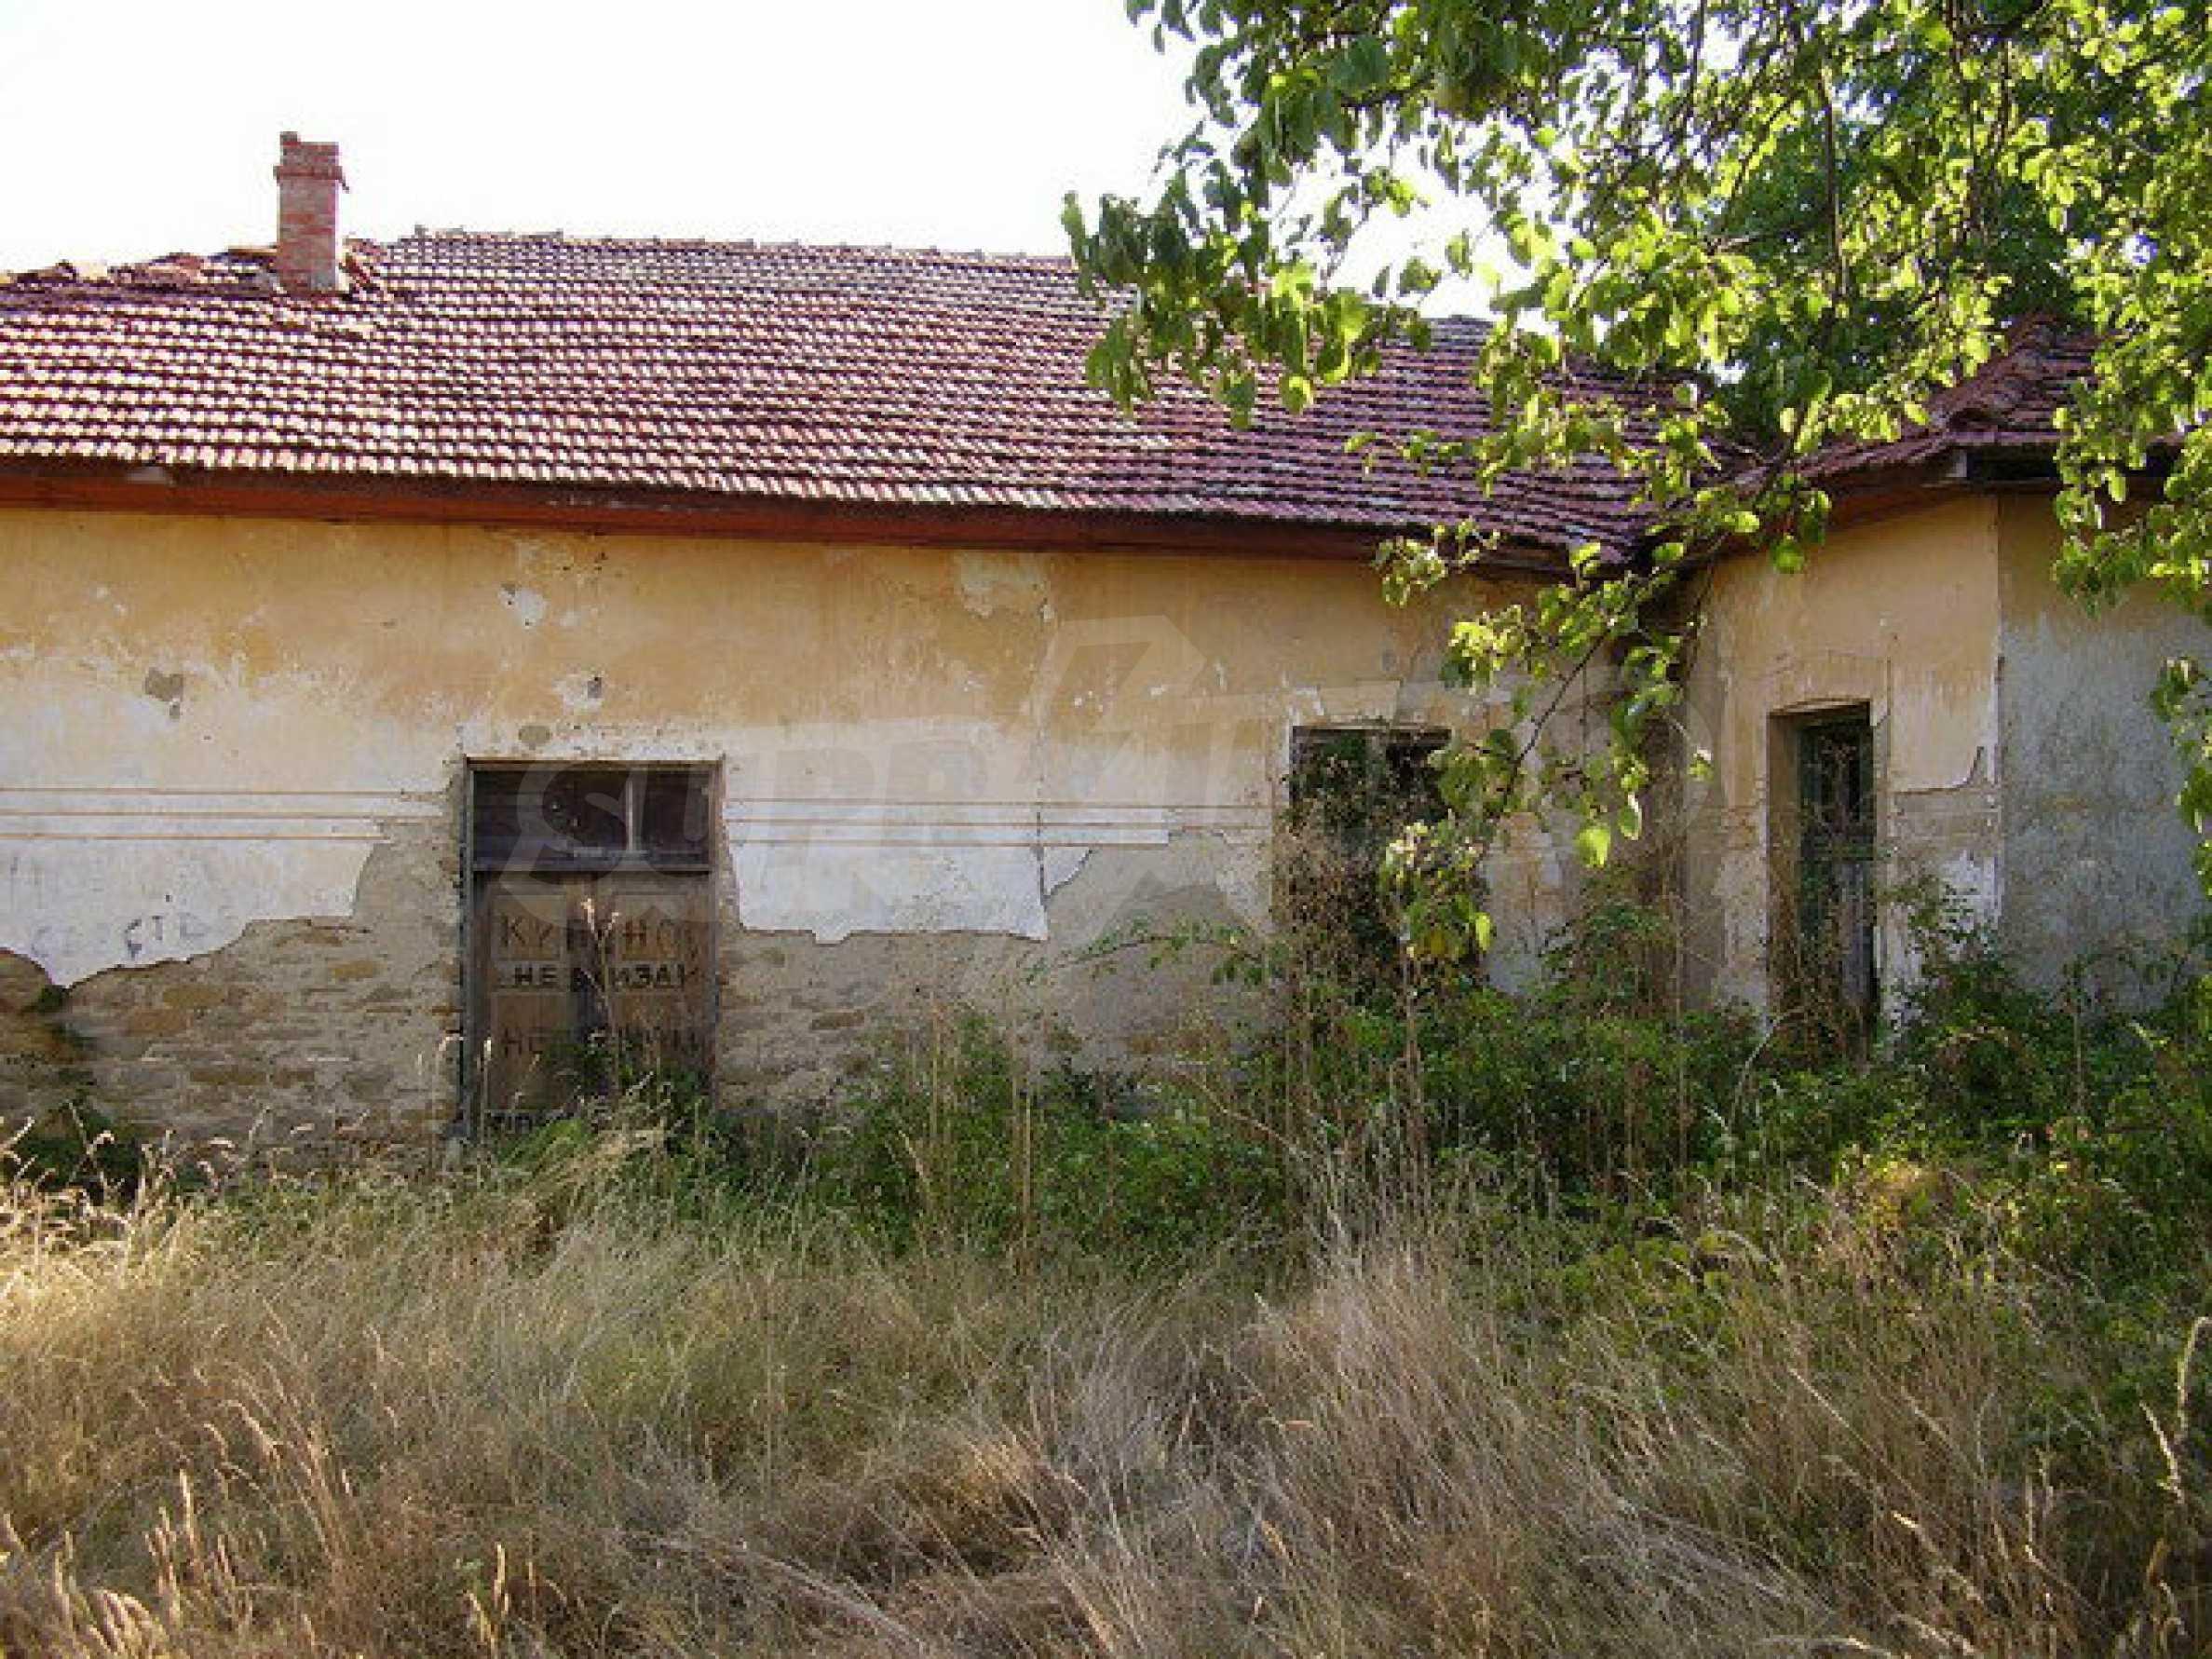 Ehemalige Schule mit Hof in einem kleinen Dorf neben dem schönen Trjawna